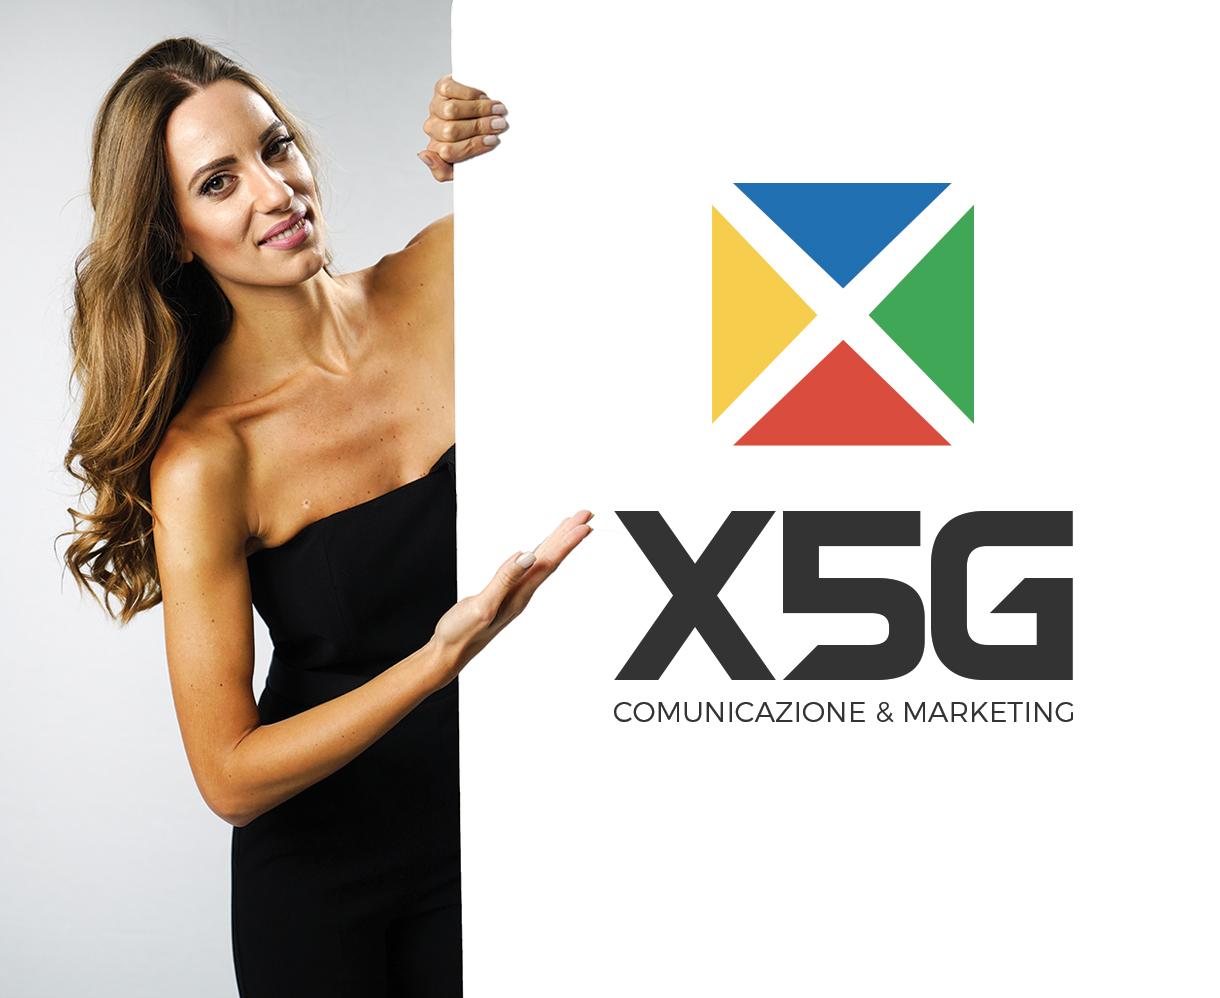 La X5G è un Agenzia di pubblicità comunicazione e marketing di Avellino